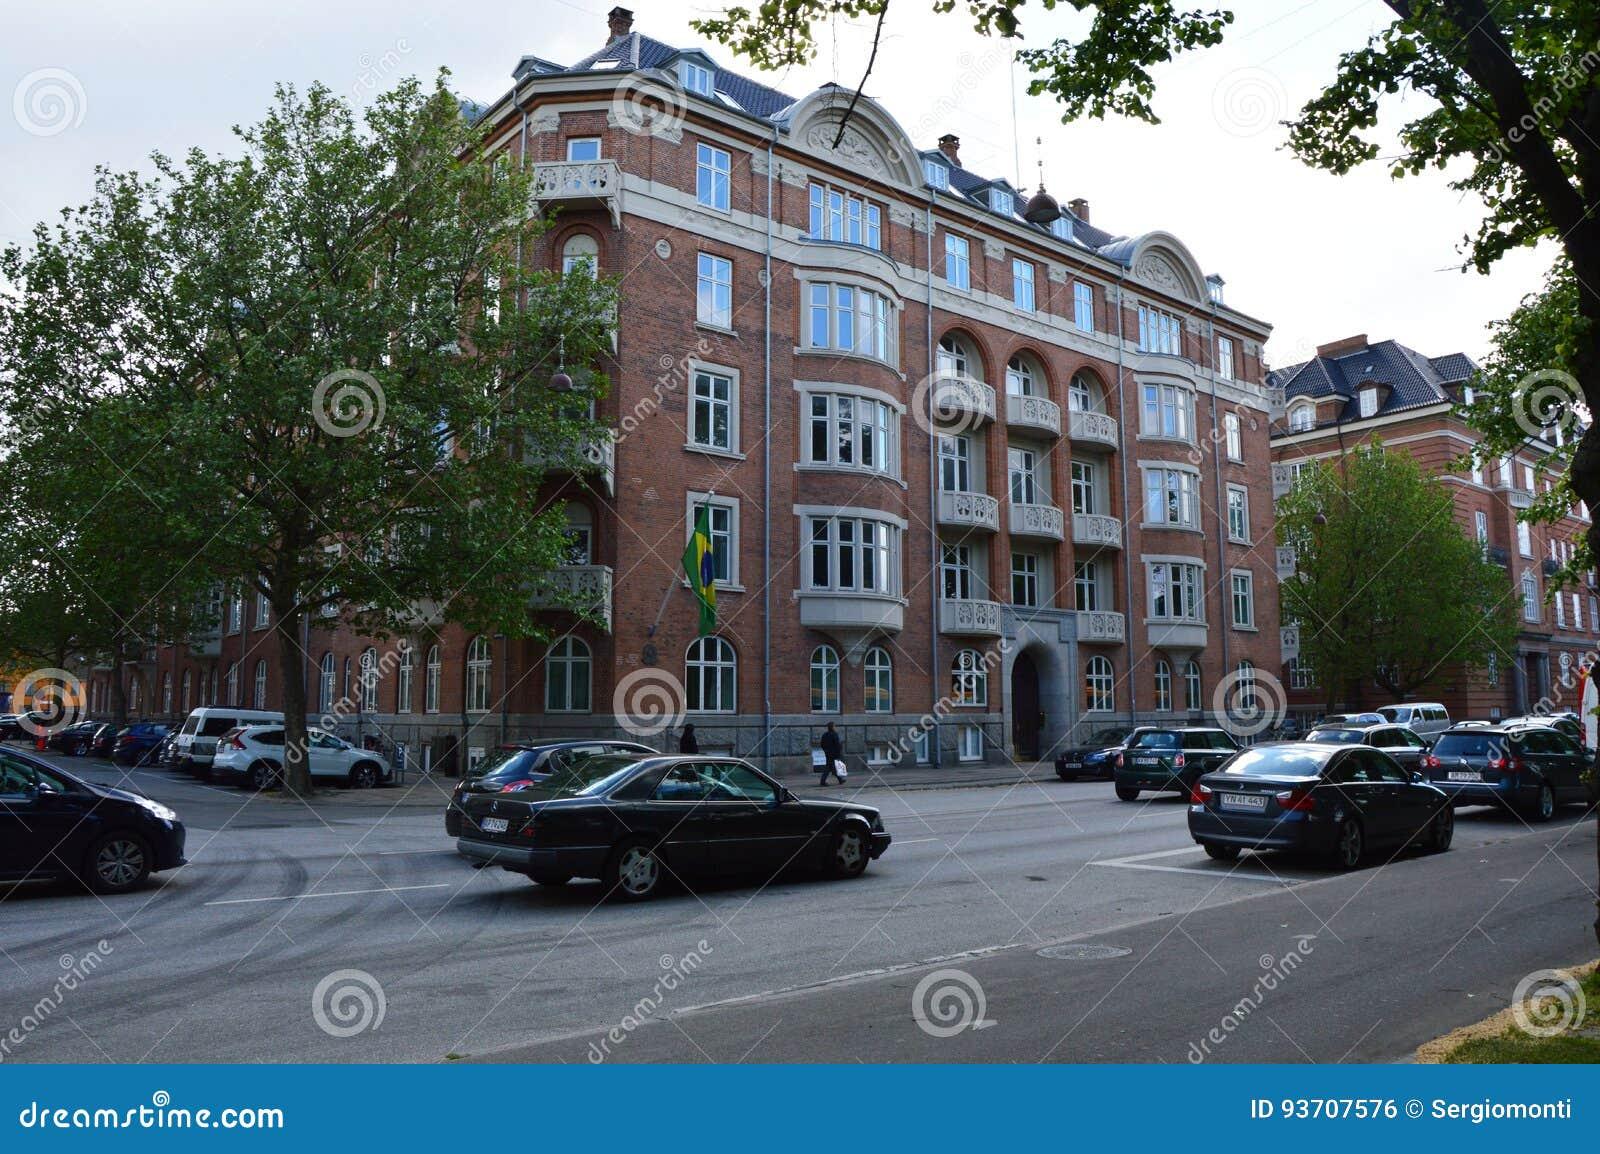 КОПЕНГАГЕН, ДАНИЯ, 31-ОЕ МАЯ 2017: Посольство Бразилии в Копенгагене в взгляде улицы Jens Kofods Gade от улицы Grønningen